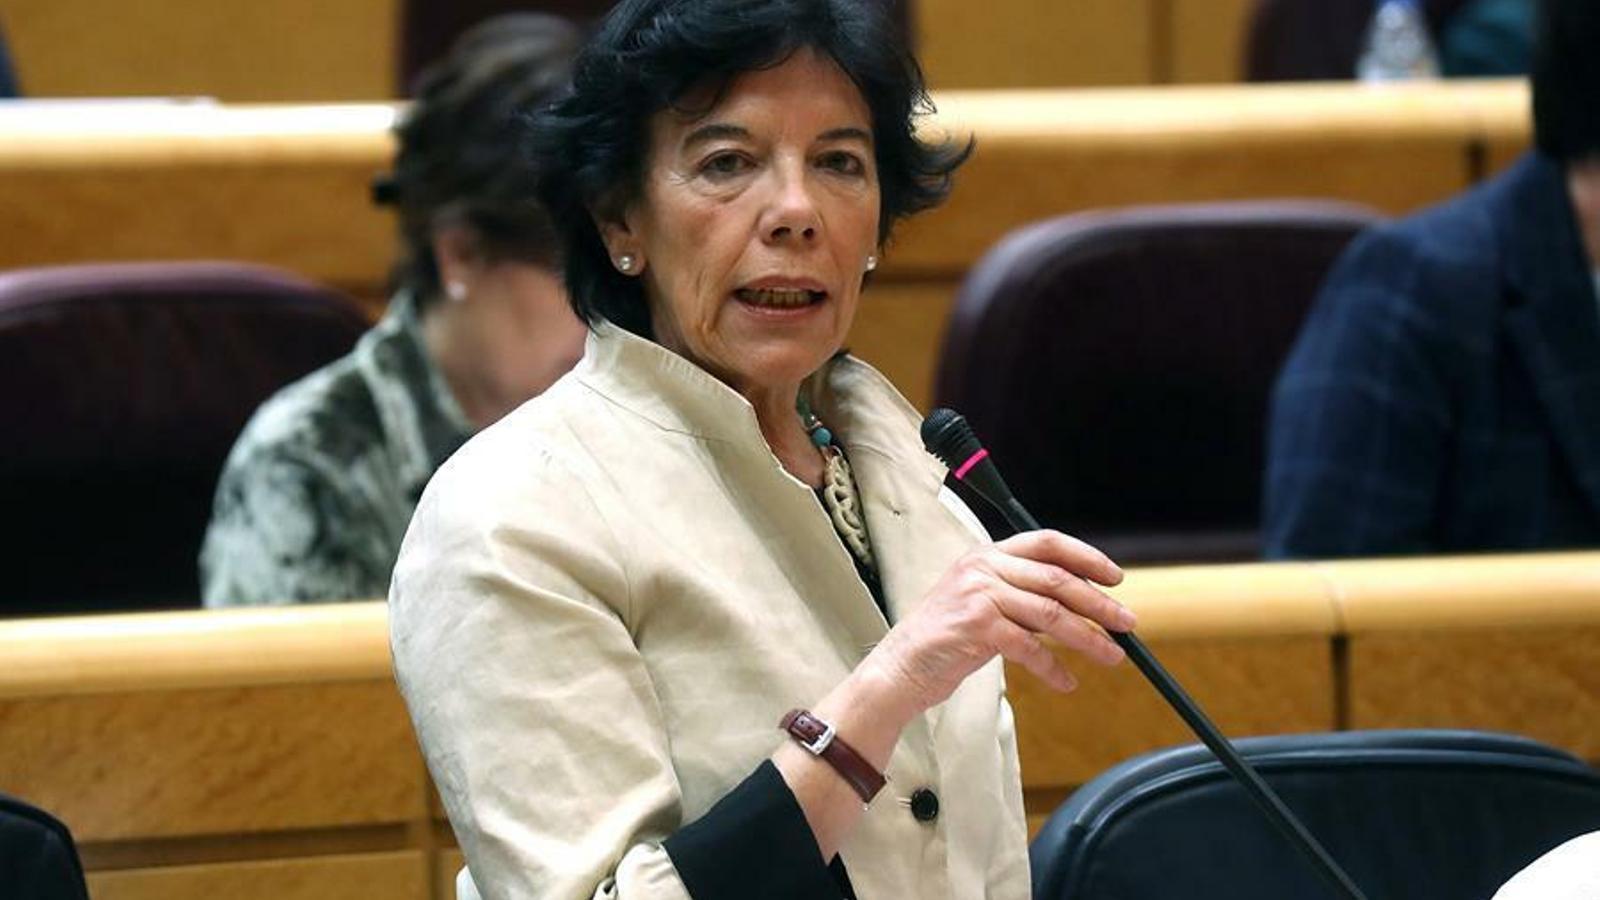 La ministra d'Educació, Isabel Celaá, va donar un mes de termini a Múrcia per retirar el veto parental.